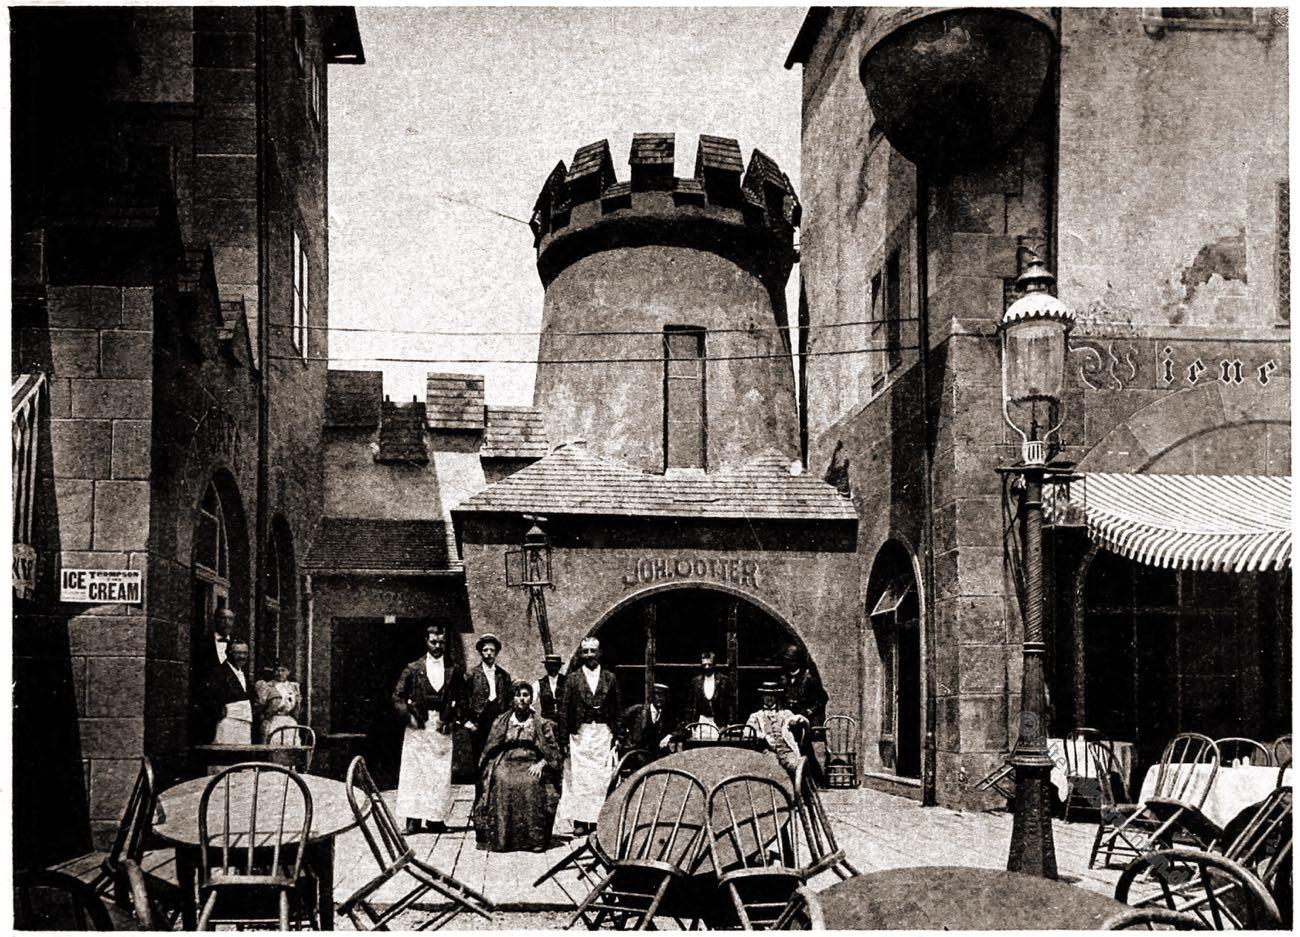 Salvator, Beer, Gasthof, Alt-Wien, Stadt, Wien, Vienna, Columbian Exposition Chicago, Adolph Wittemann,